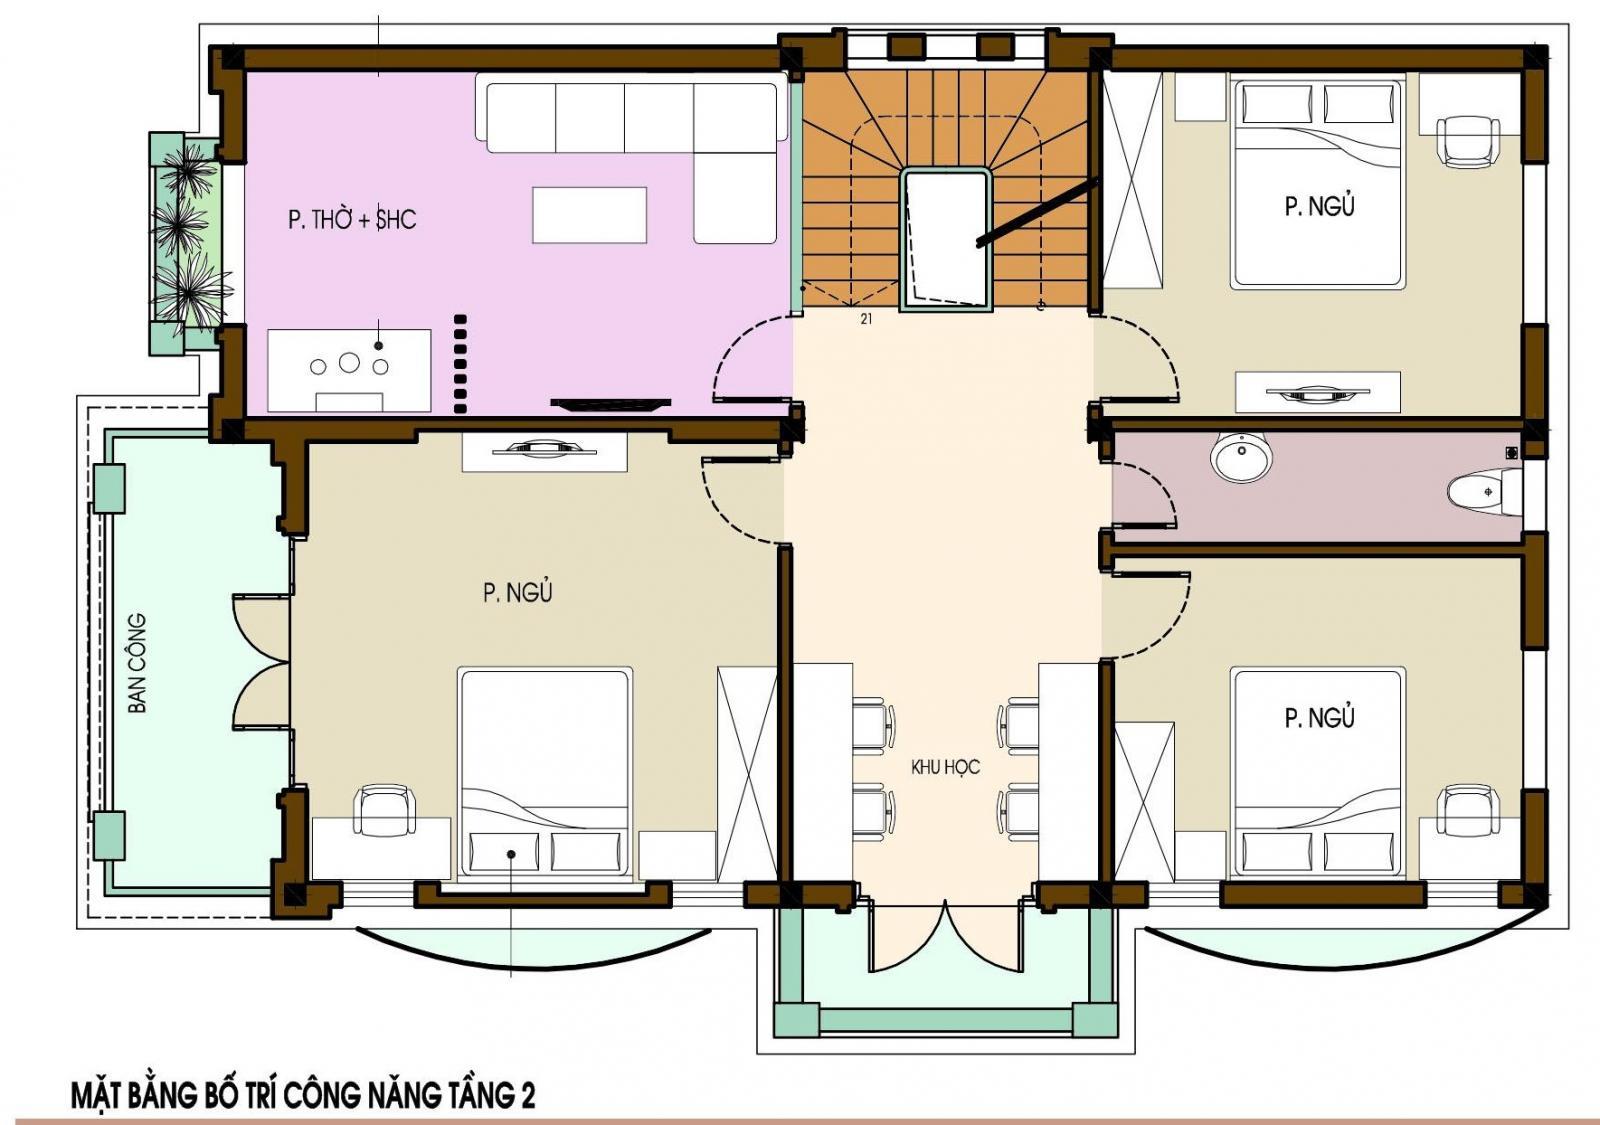 Hình ảnh bản vẽ thiết kế mặt bằng tầng 2 biệt thự tân cổ điển